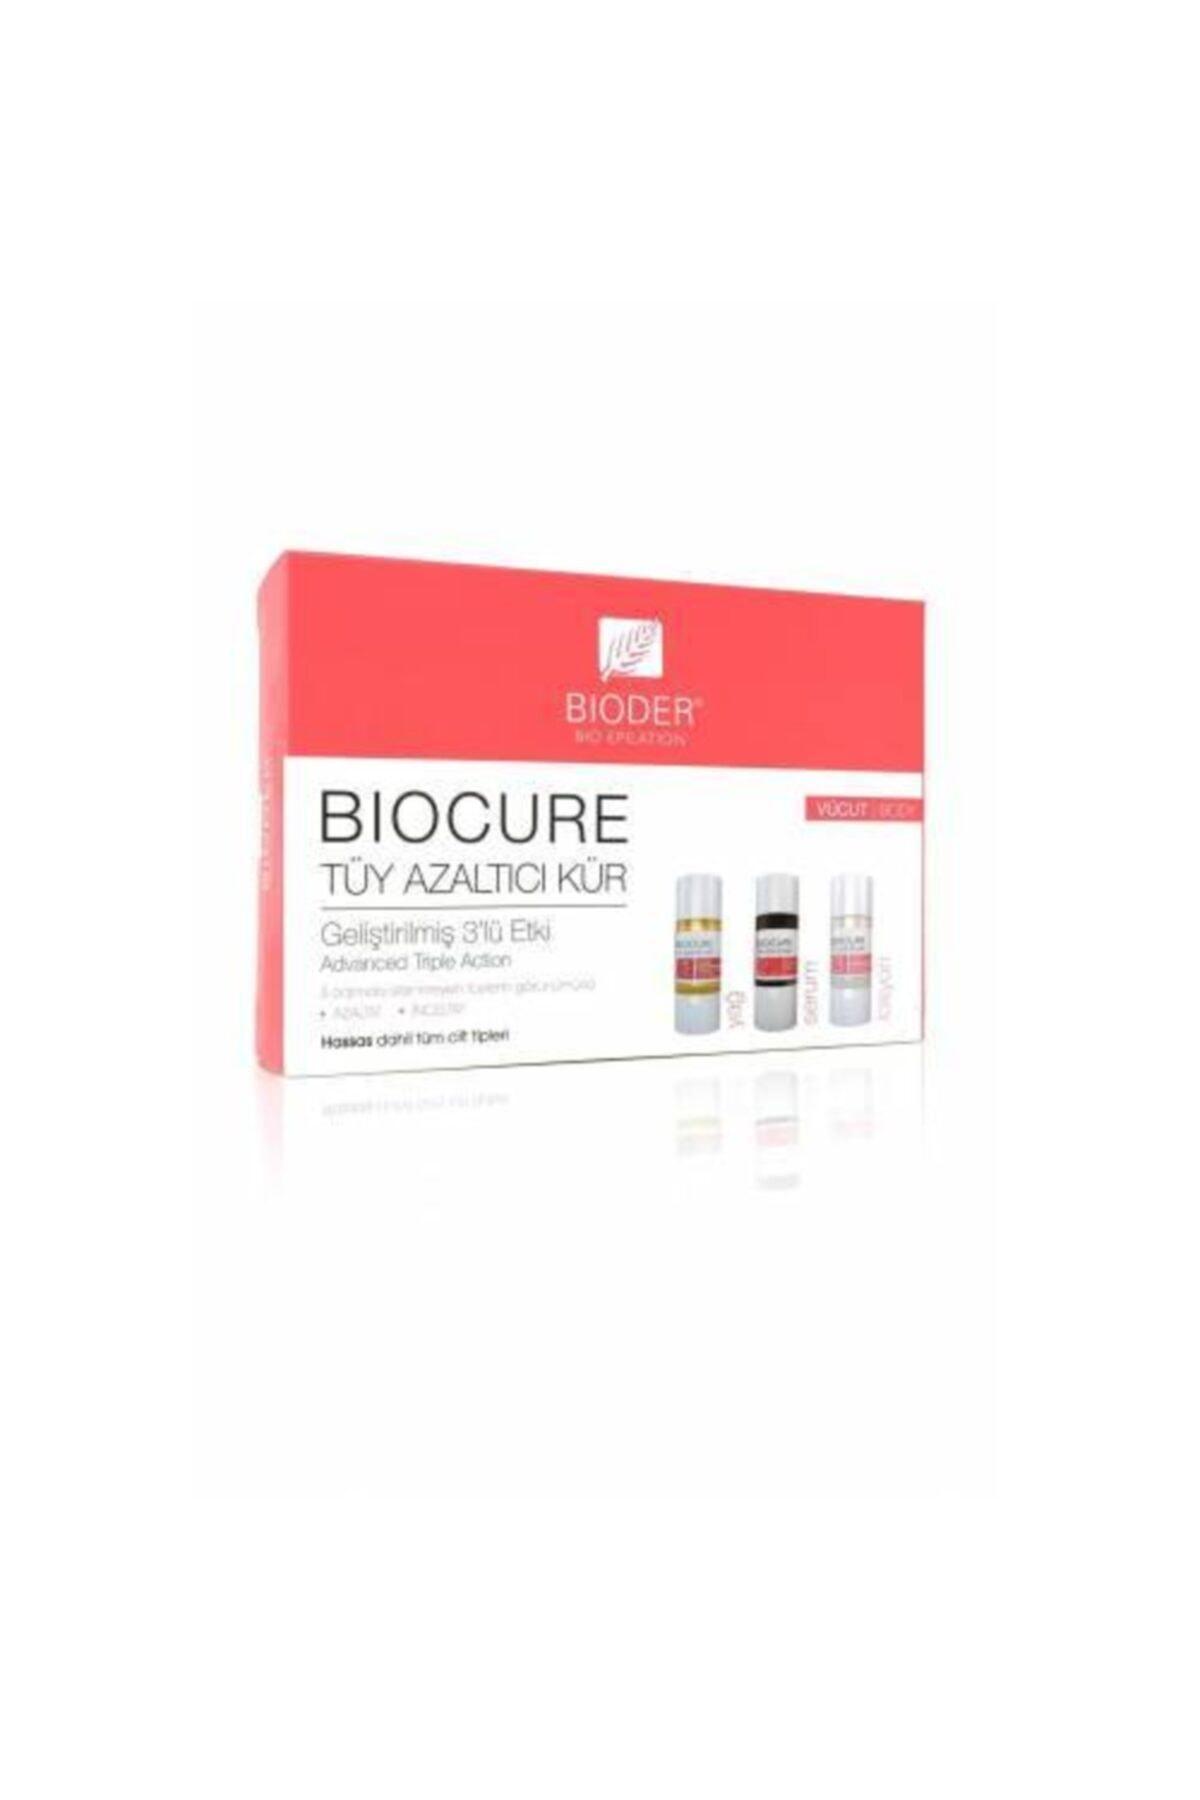 Bioder Biocure Tüy Azaltıcı 3x10 Ml Vücut Kürü 1